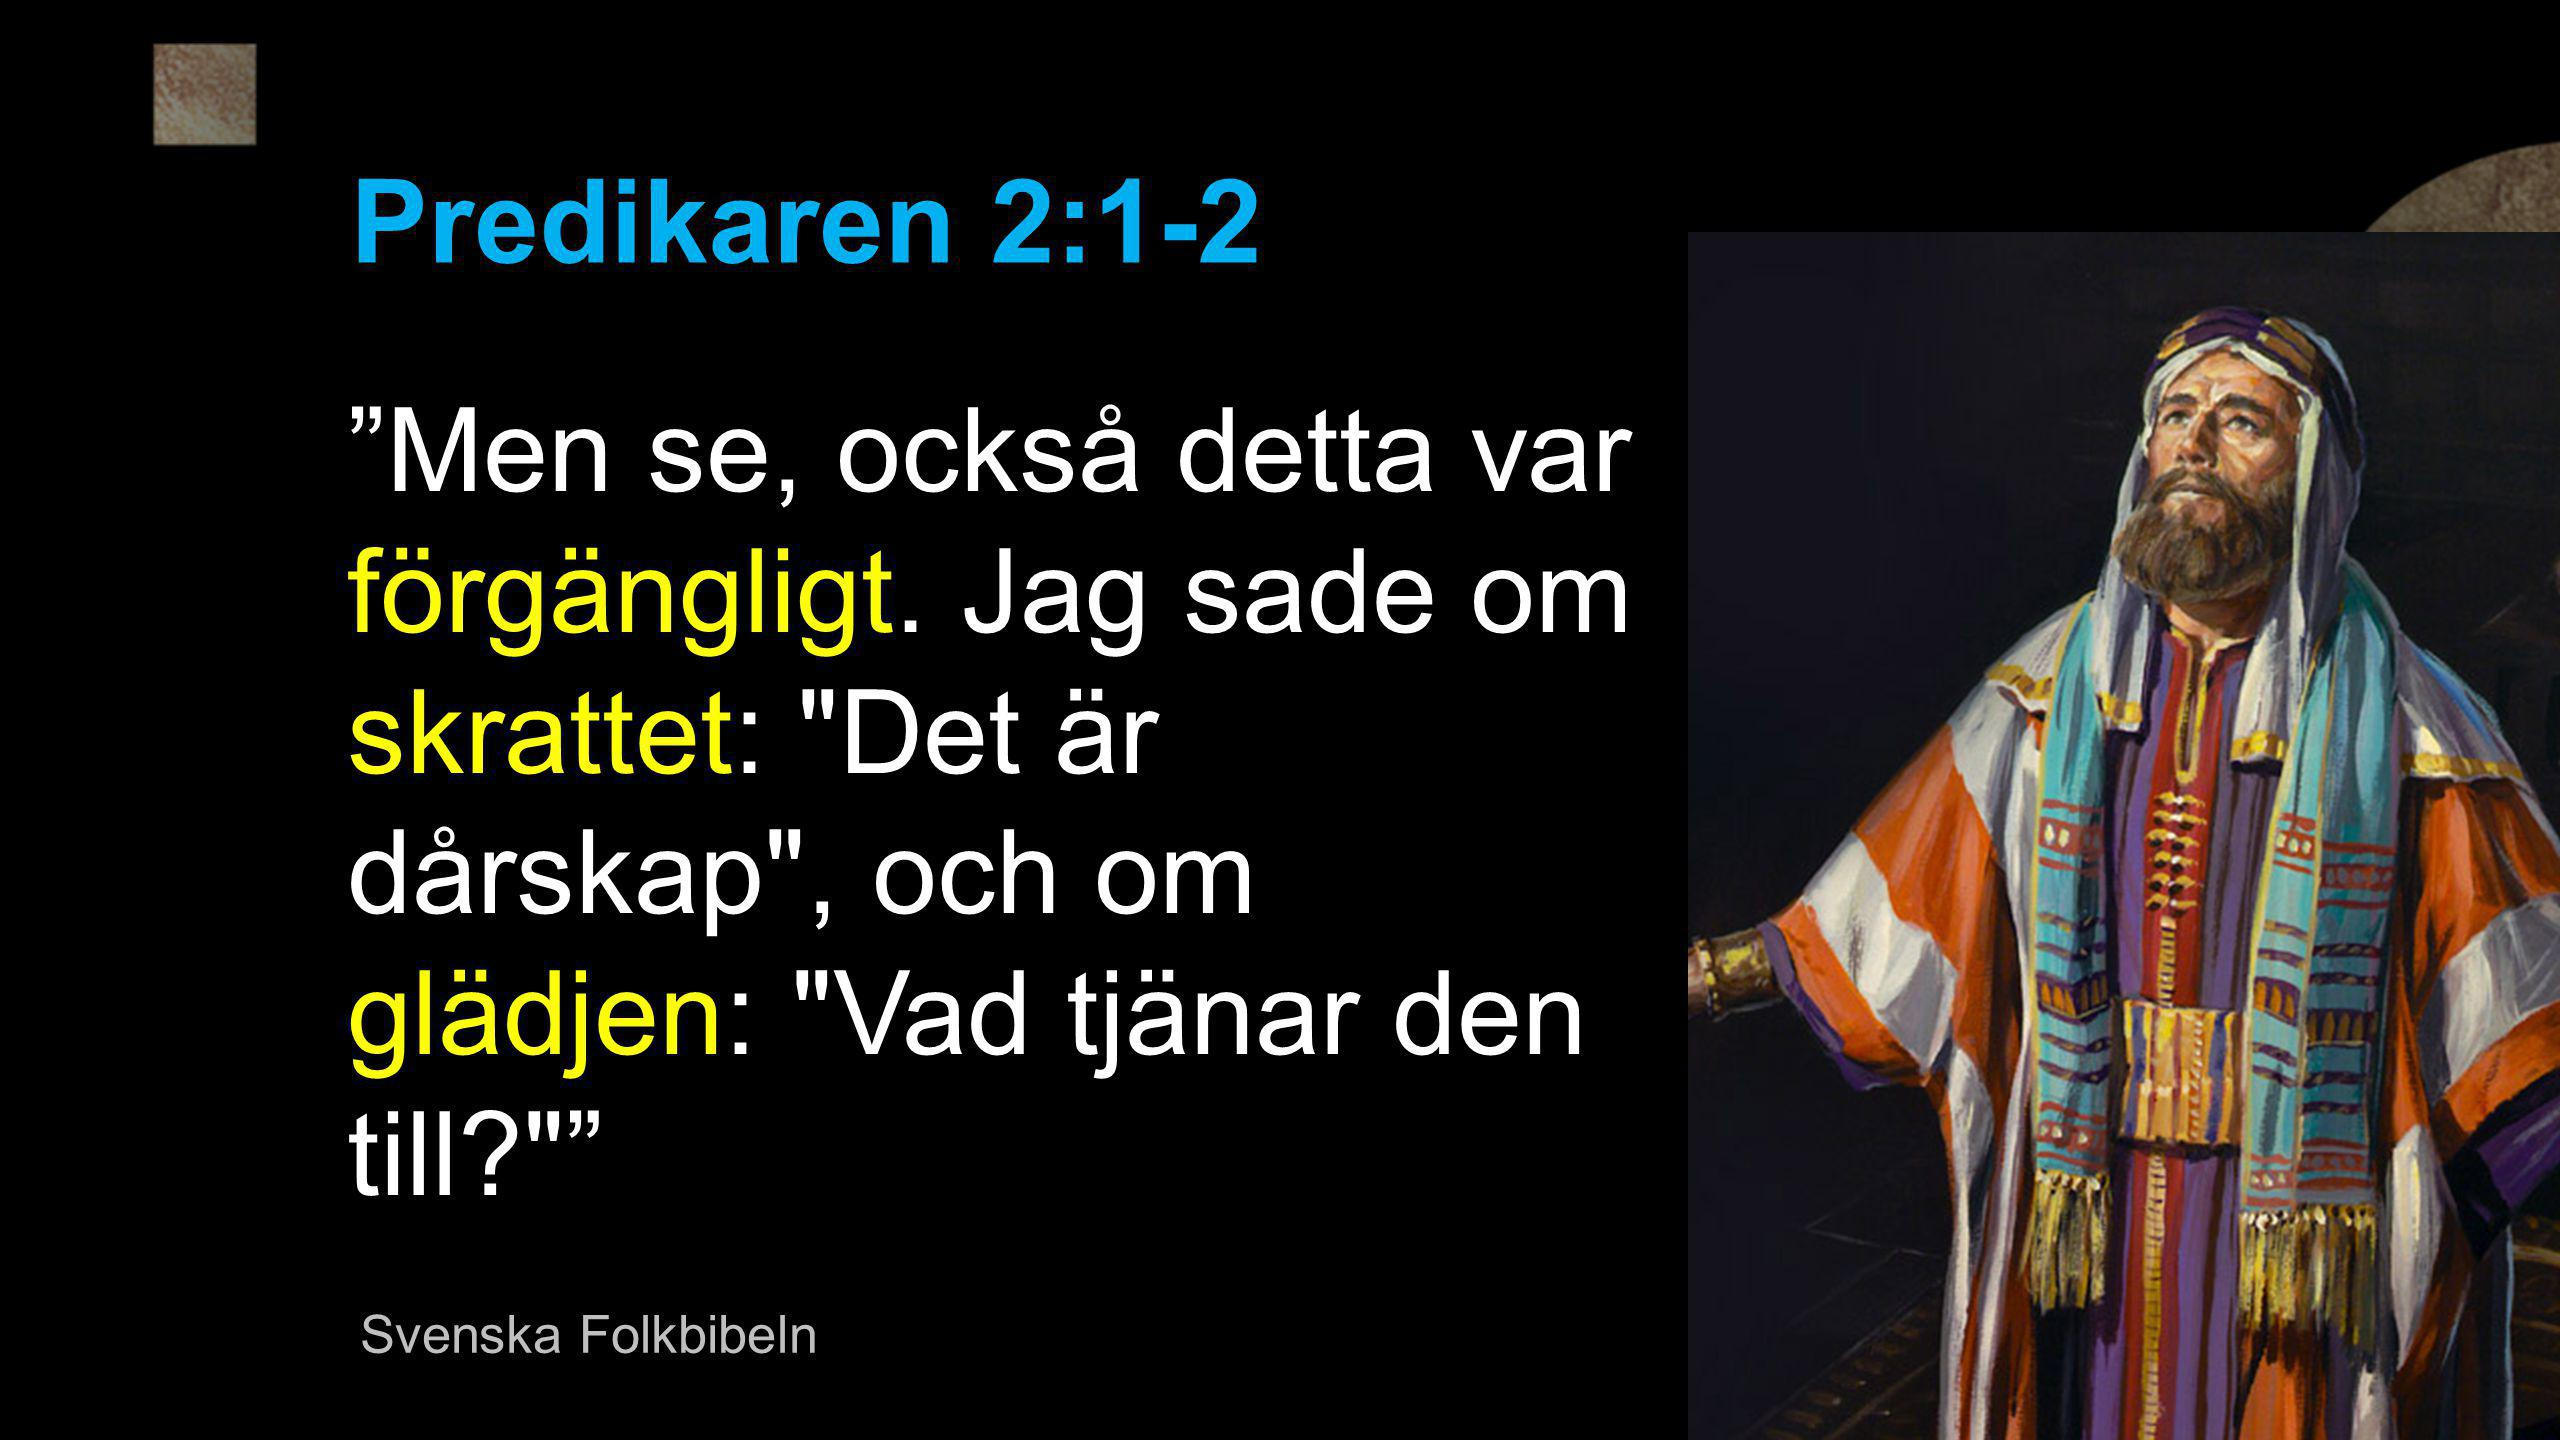 Predikaren 2:1-2 Men se, också detta var förgängligt. Jag sade om skrattet: Det är dårskap , och om glädjen: Vad tjänar den till